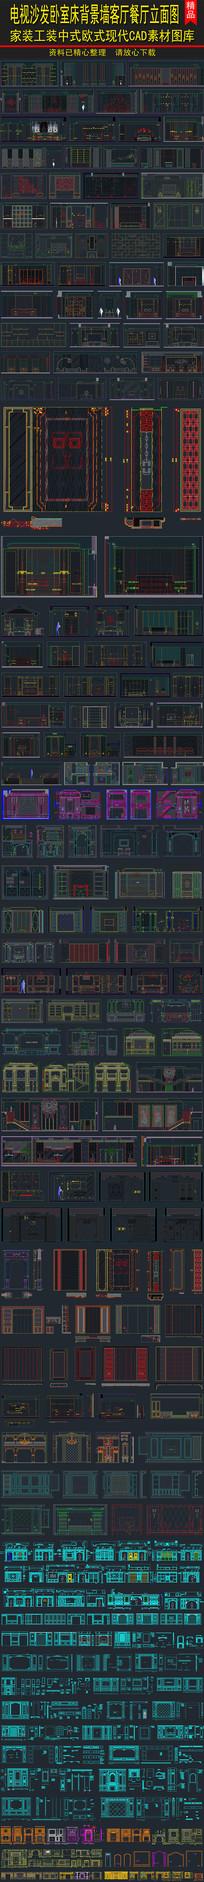 客厅餐厅卧室背景墙CAD图库